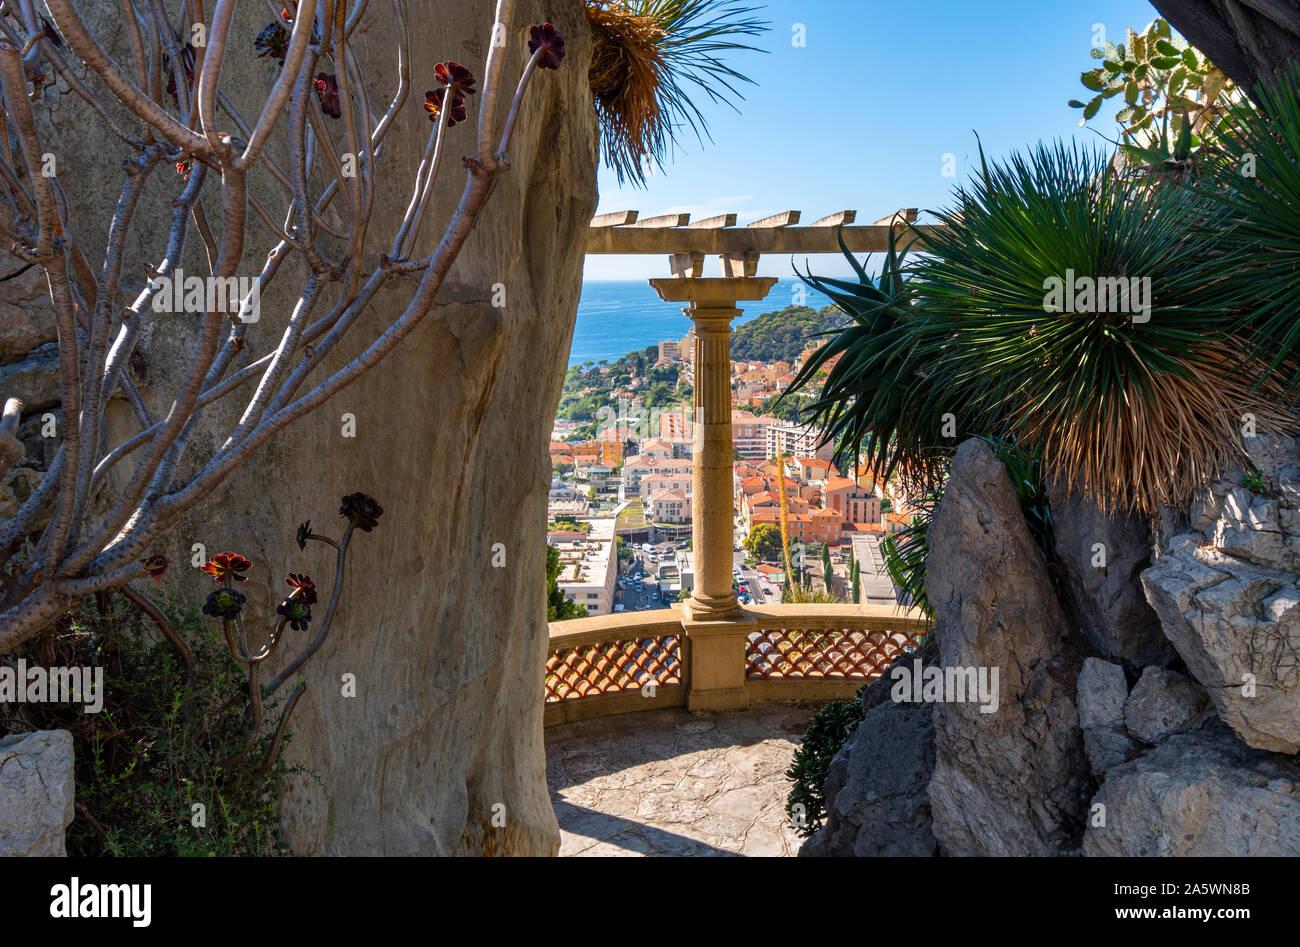 Vistas al Mar Mediterráneo y a la ciudad de Montecarlo, Mónaco, entre las columnas de la terraza en la ladera de exóticos jardines. Foto de stock